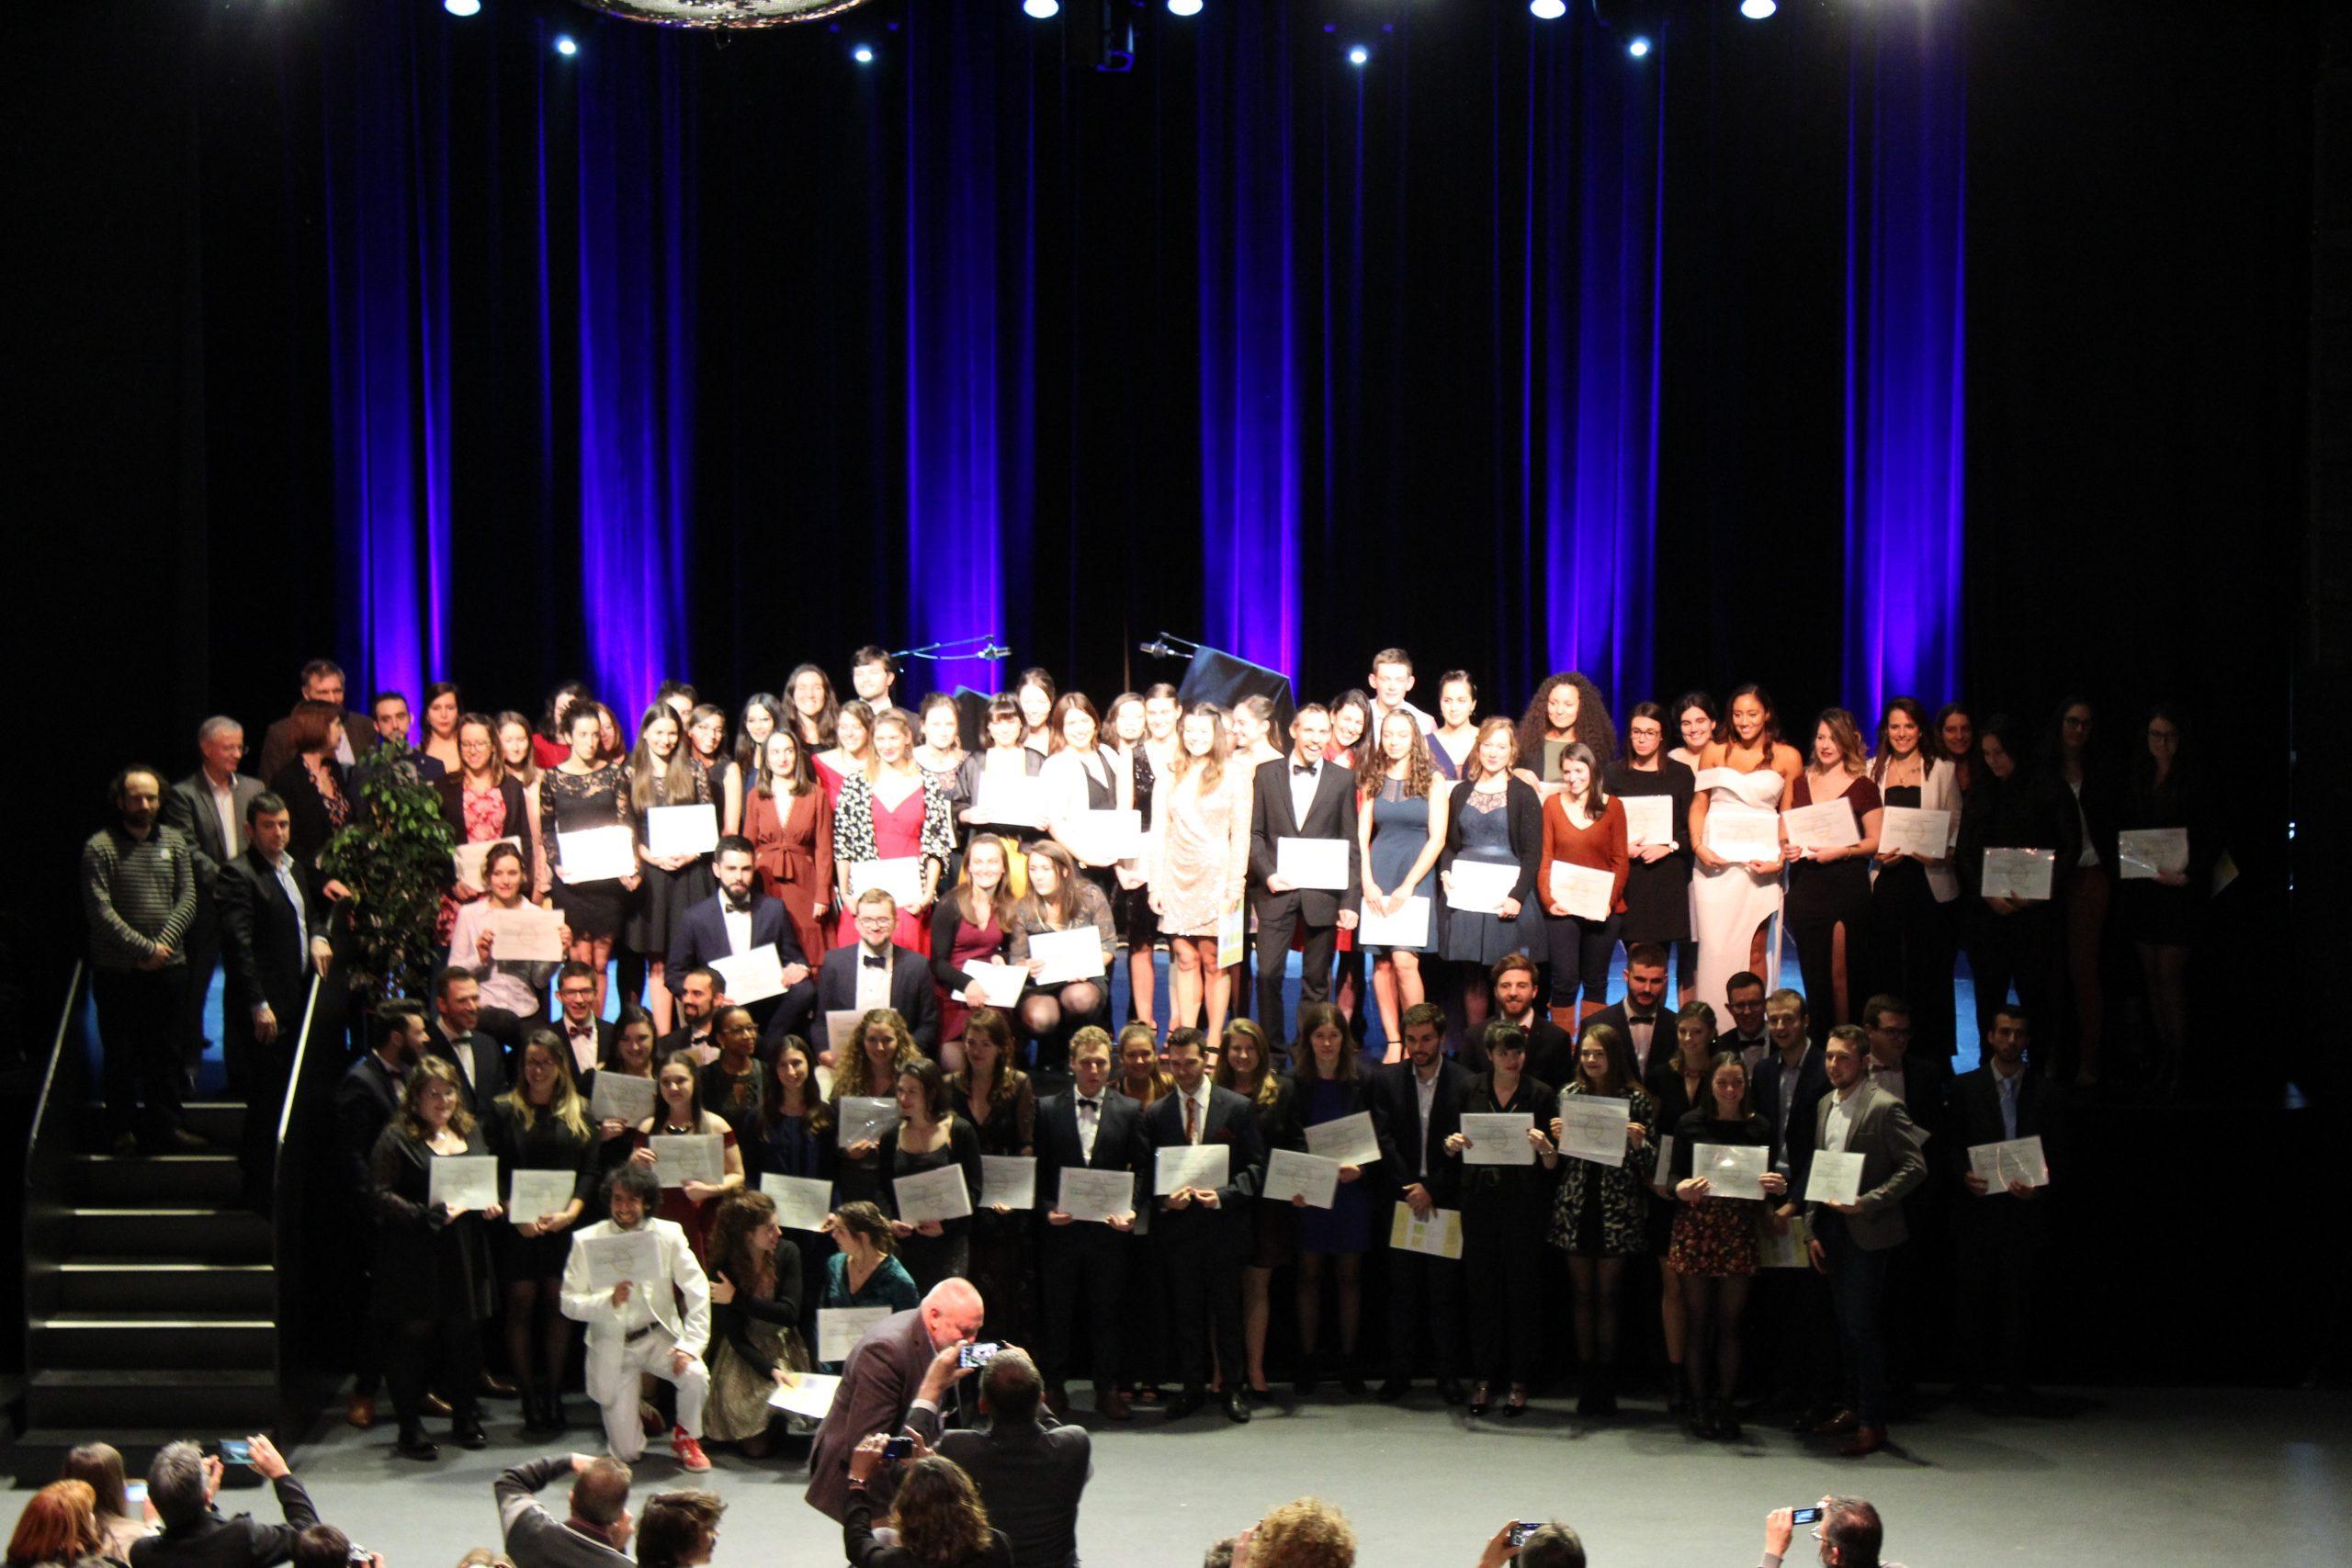 Clap de Fin avec la traditionnelle photo de promo ! Félicitation aux diplômés !  Crédit photo : ©Club photo CDA